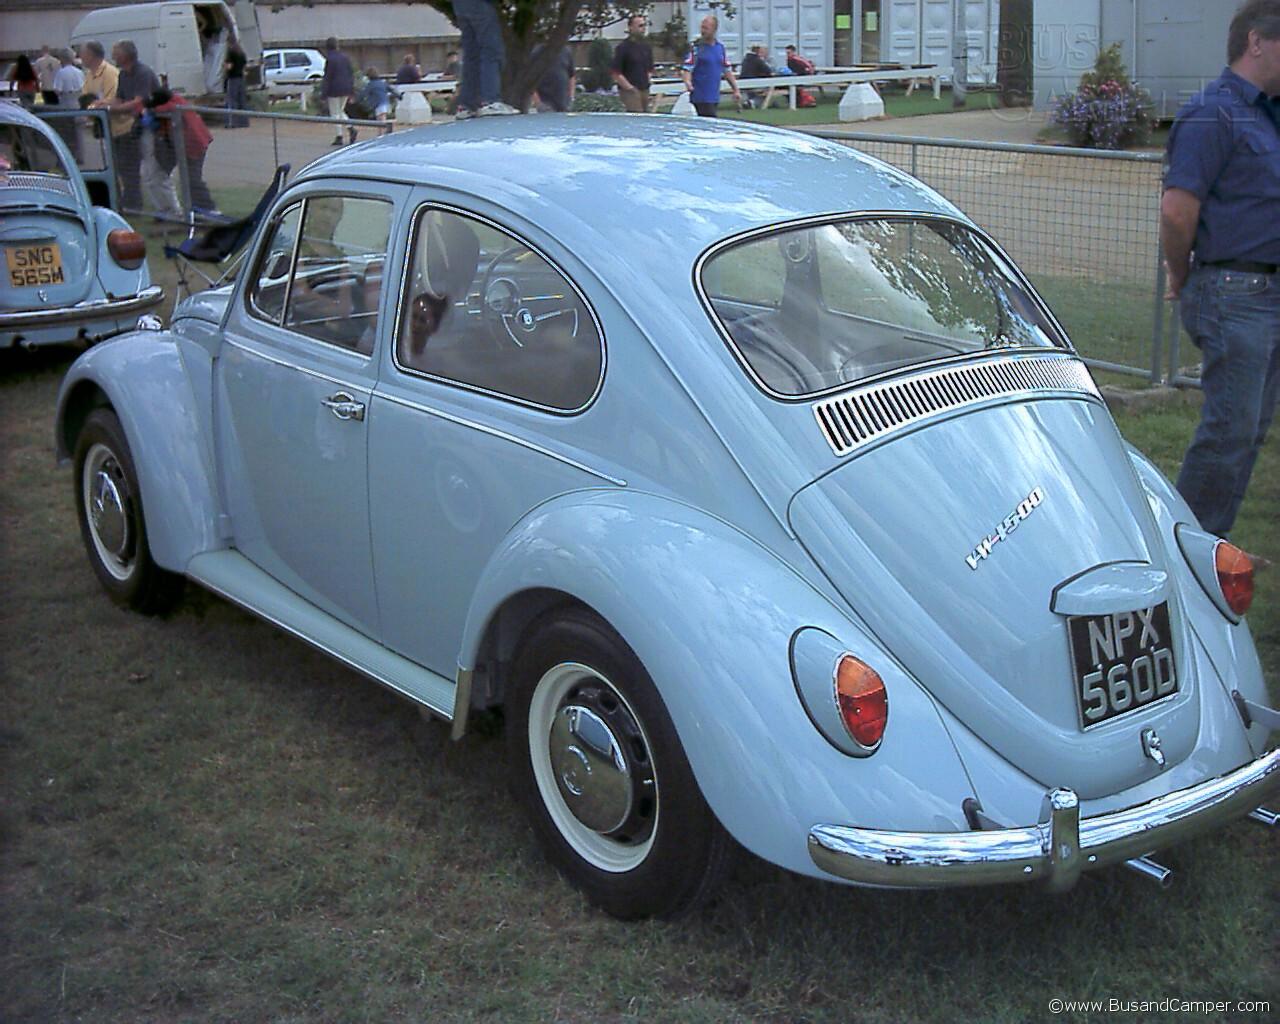 66 beetle